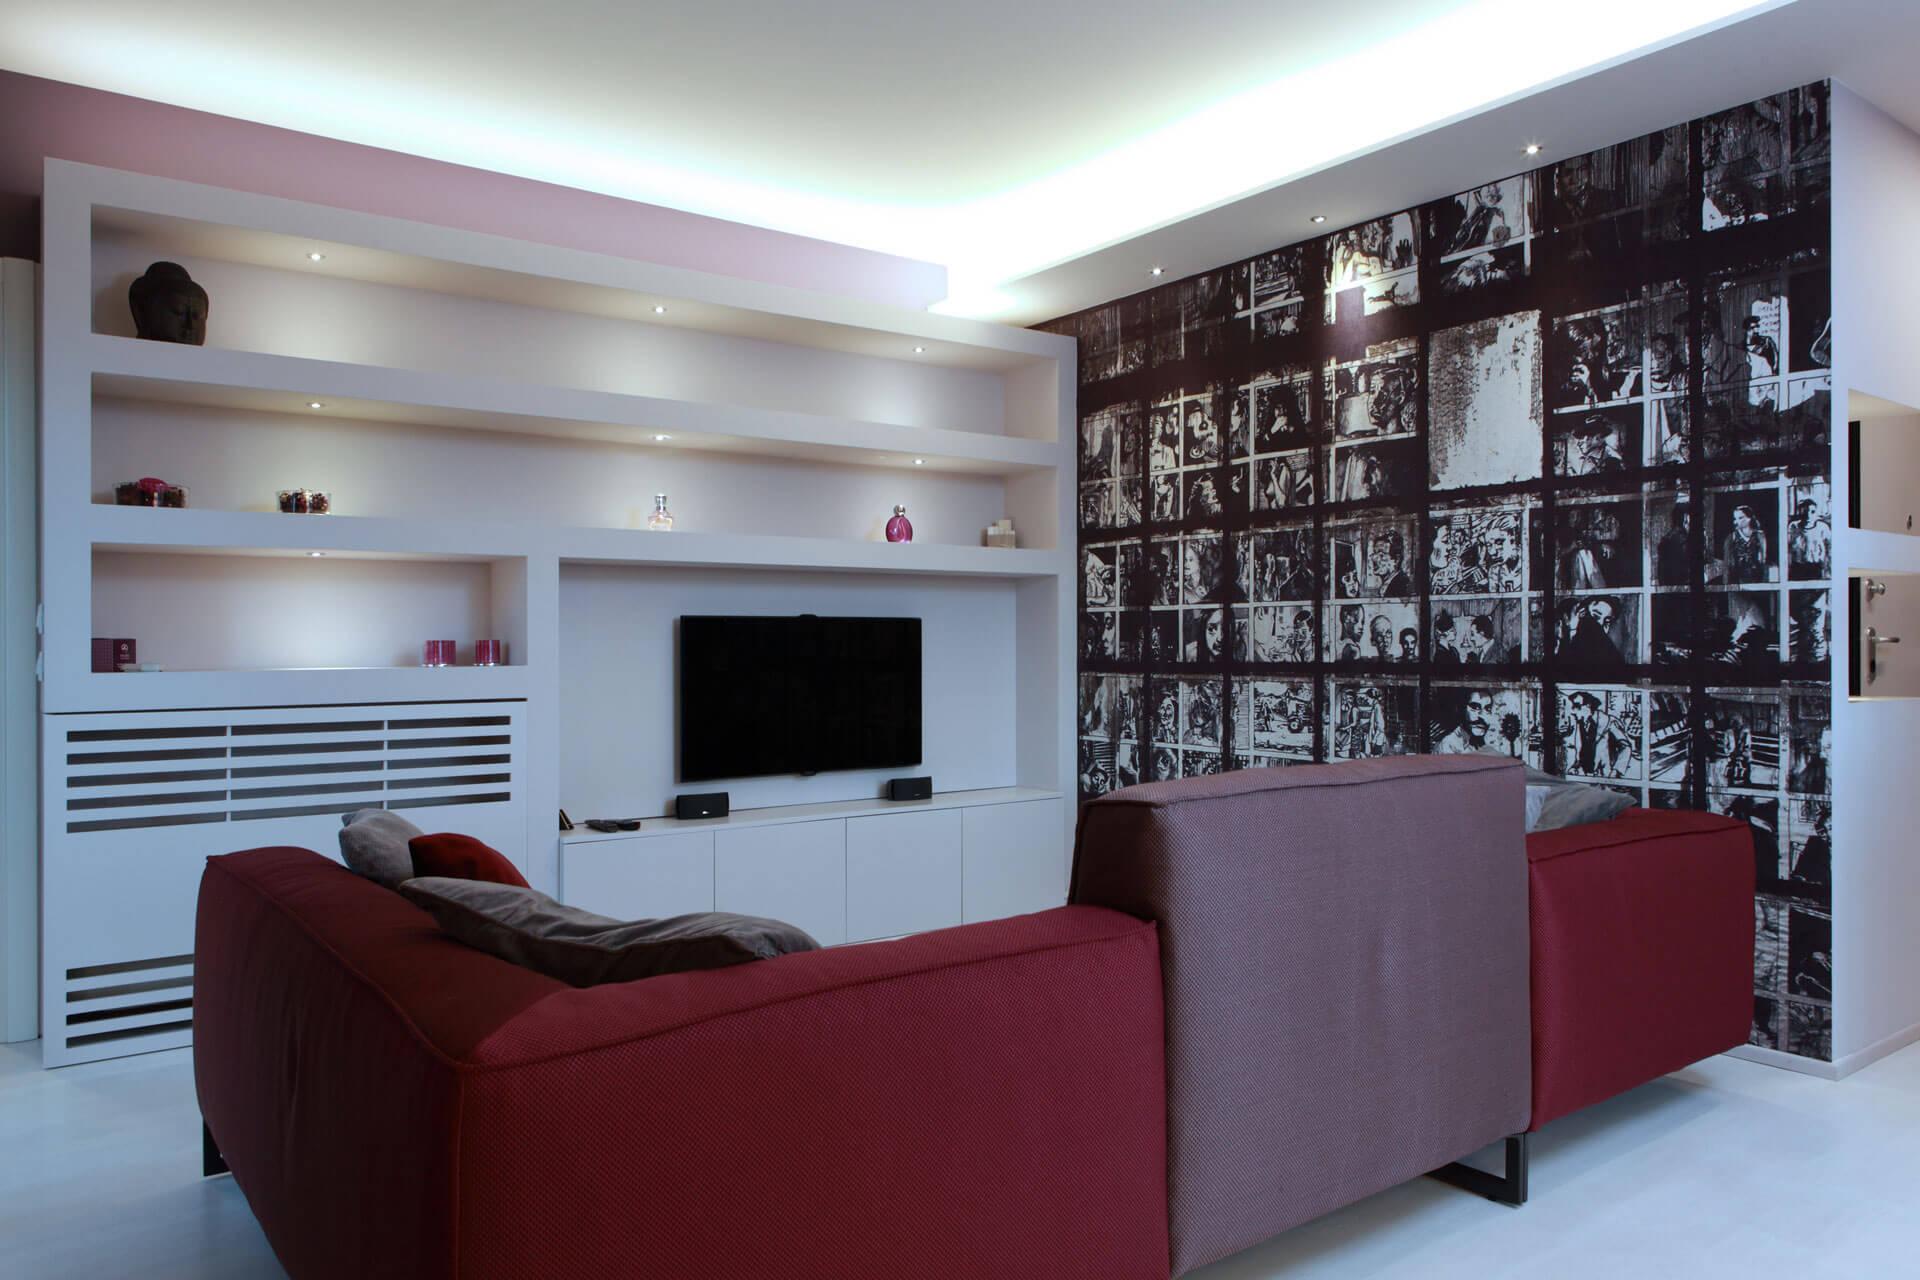 micaela mazzoni studio interior designer bologna - progetti abitativi - gallery - appartamento castel maggiore - le piazze